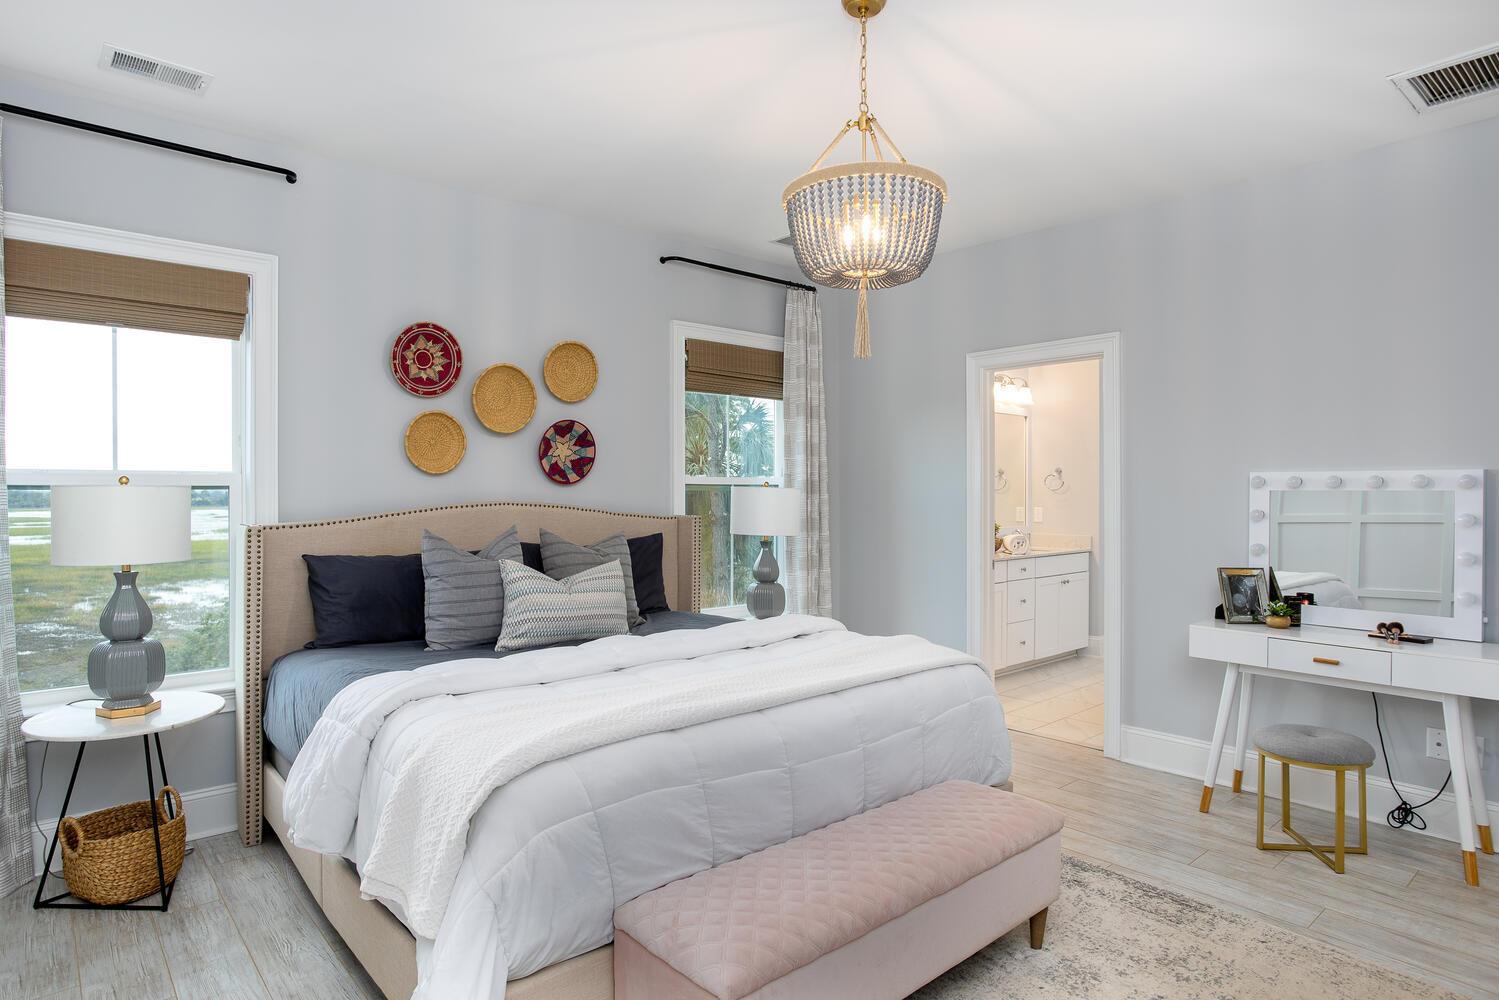 Kings Flats Homes For Sale - 103 Alder, Charleston, SC - 35